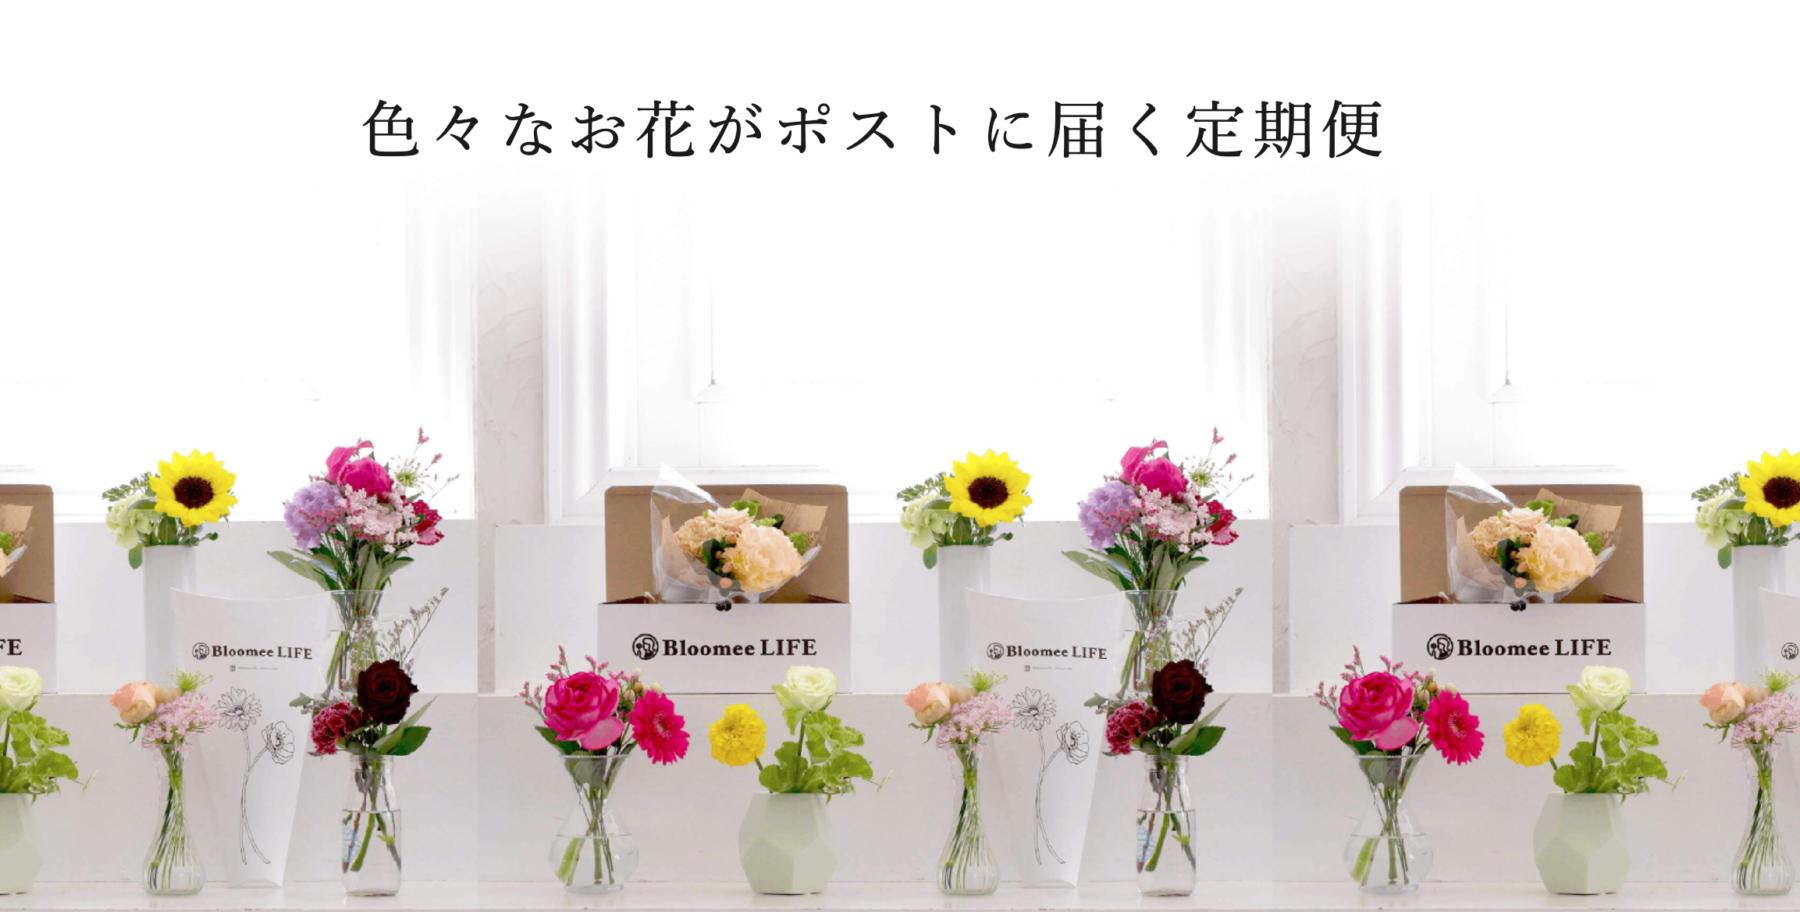 お花の定期便Bloomee LIFEでお花のある暮らしを!